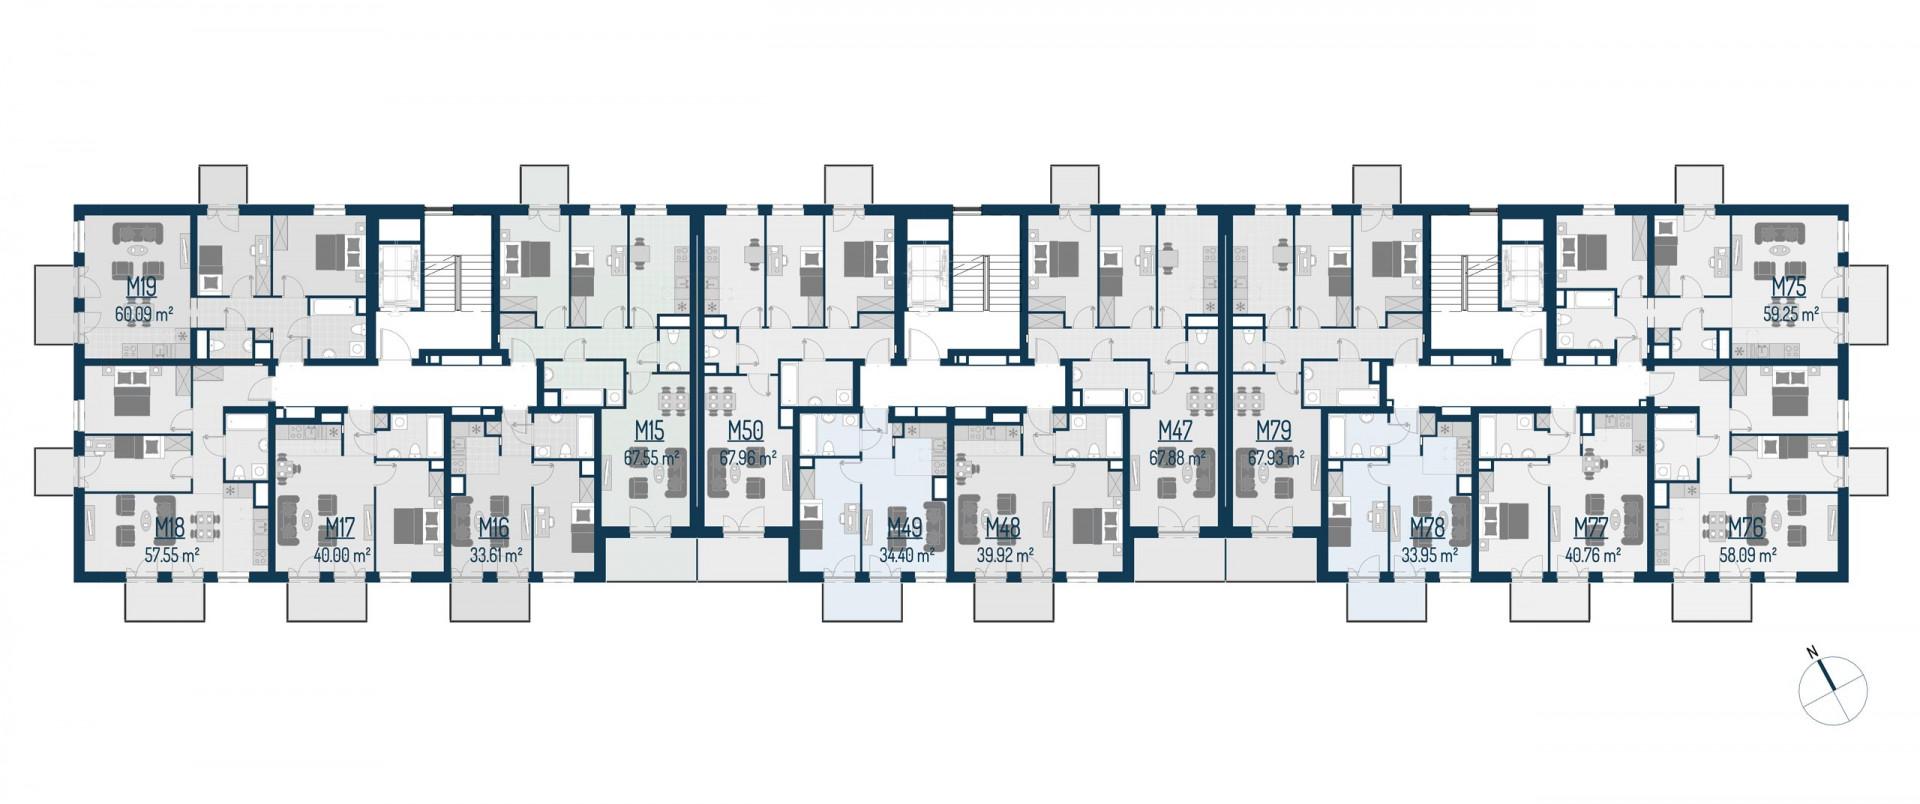 Zdrowe Stylove / budynek 1 / mieszkanie nr M75 rzut 2